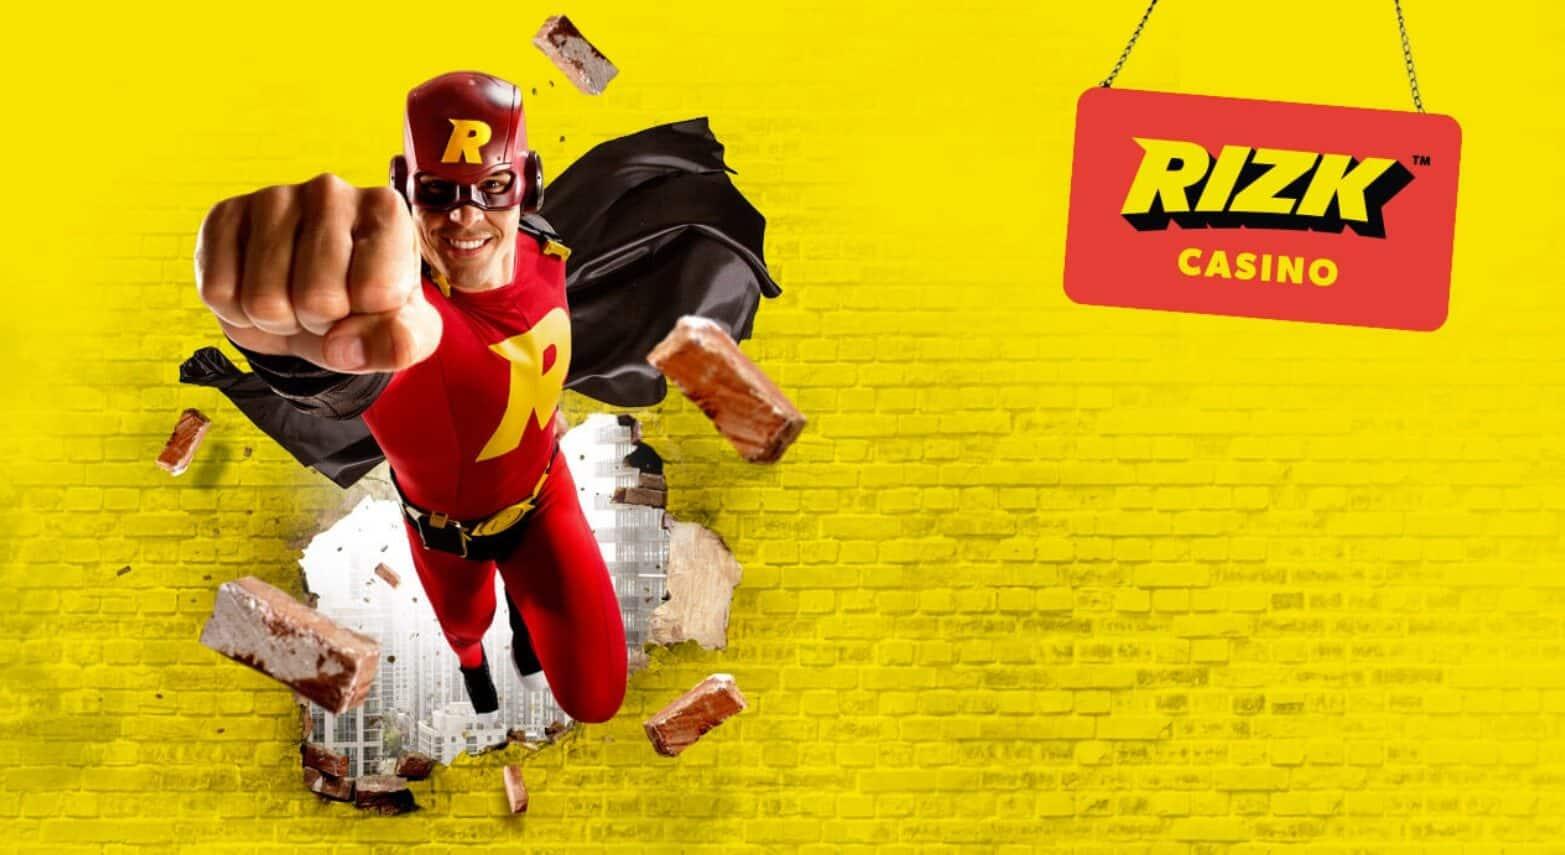 Captain Rizk, the casino's mascot